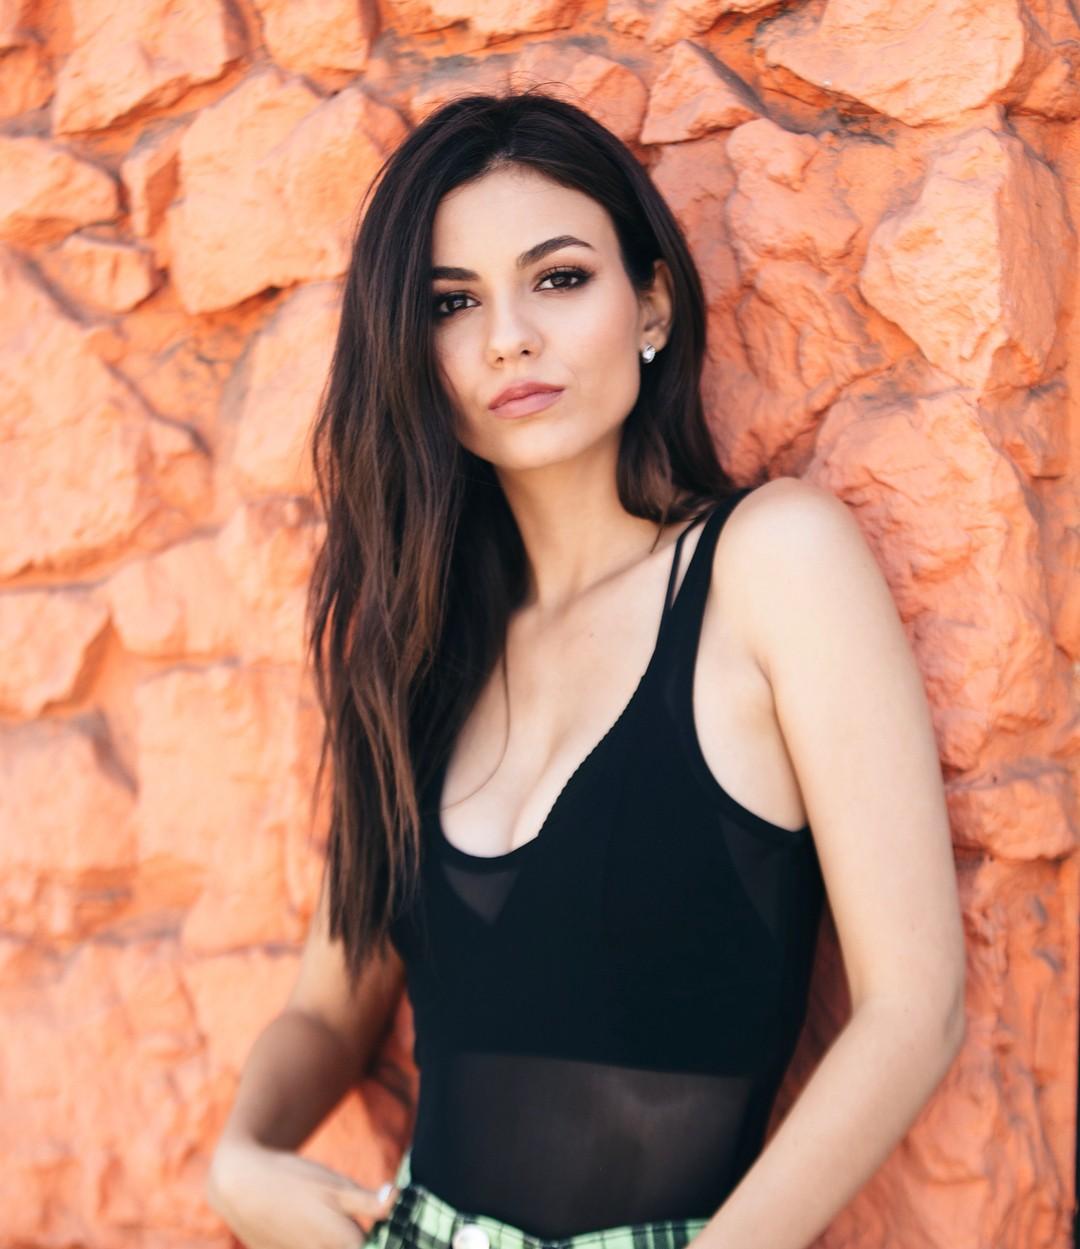 Victoria Justice Fap photo 20